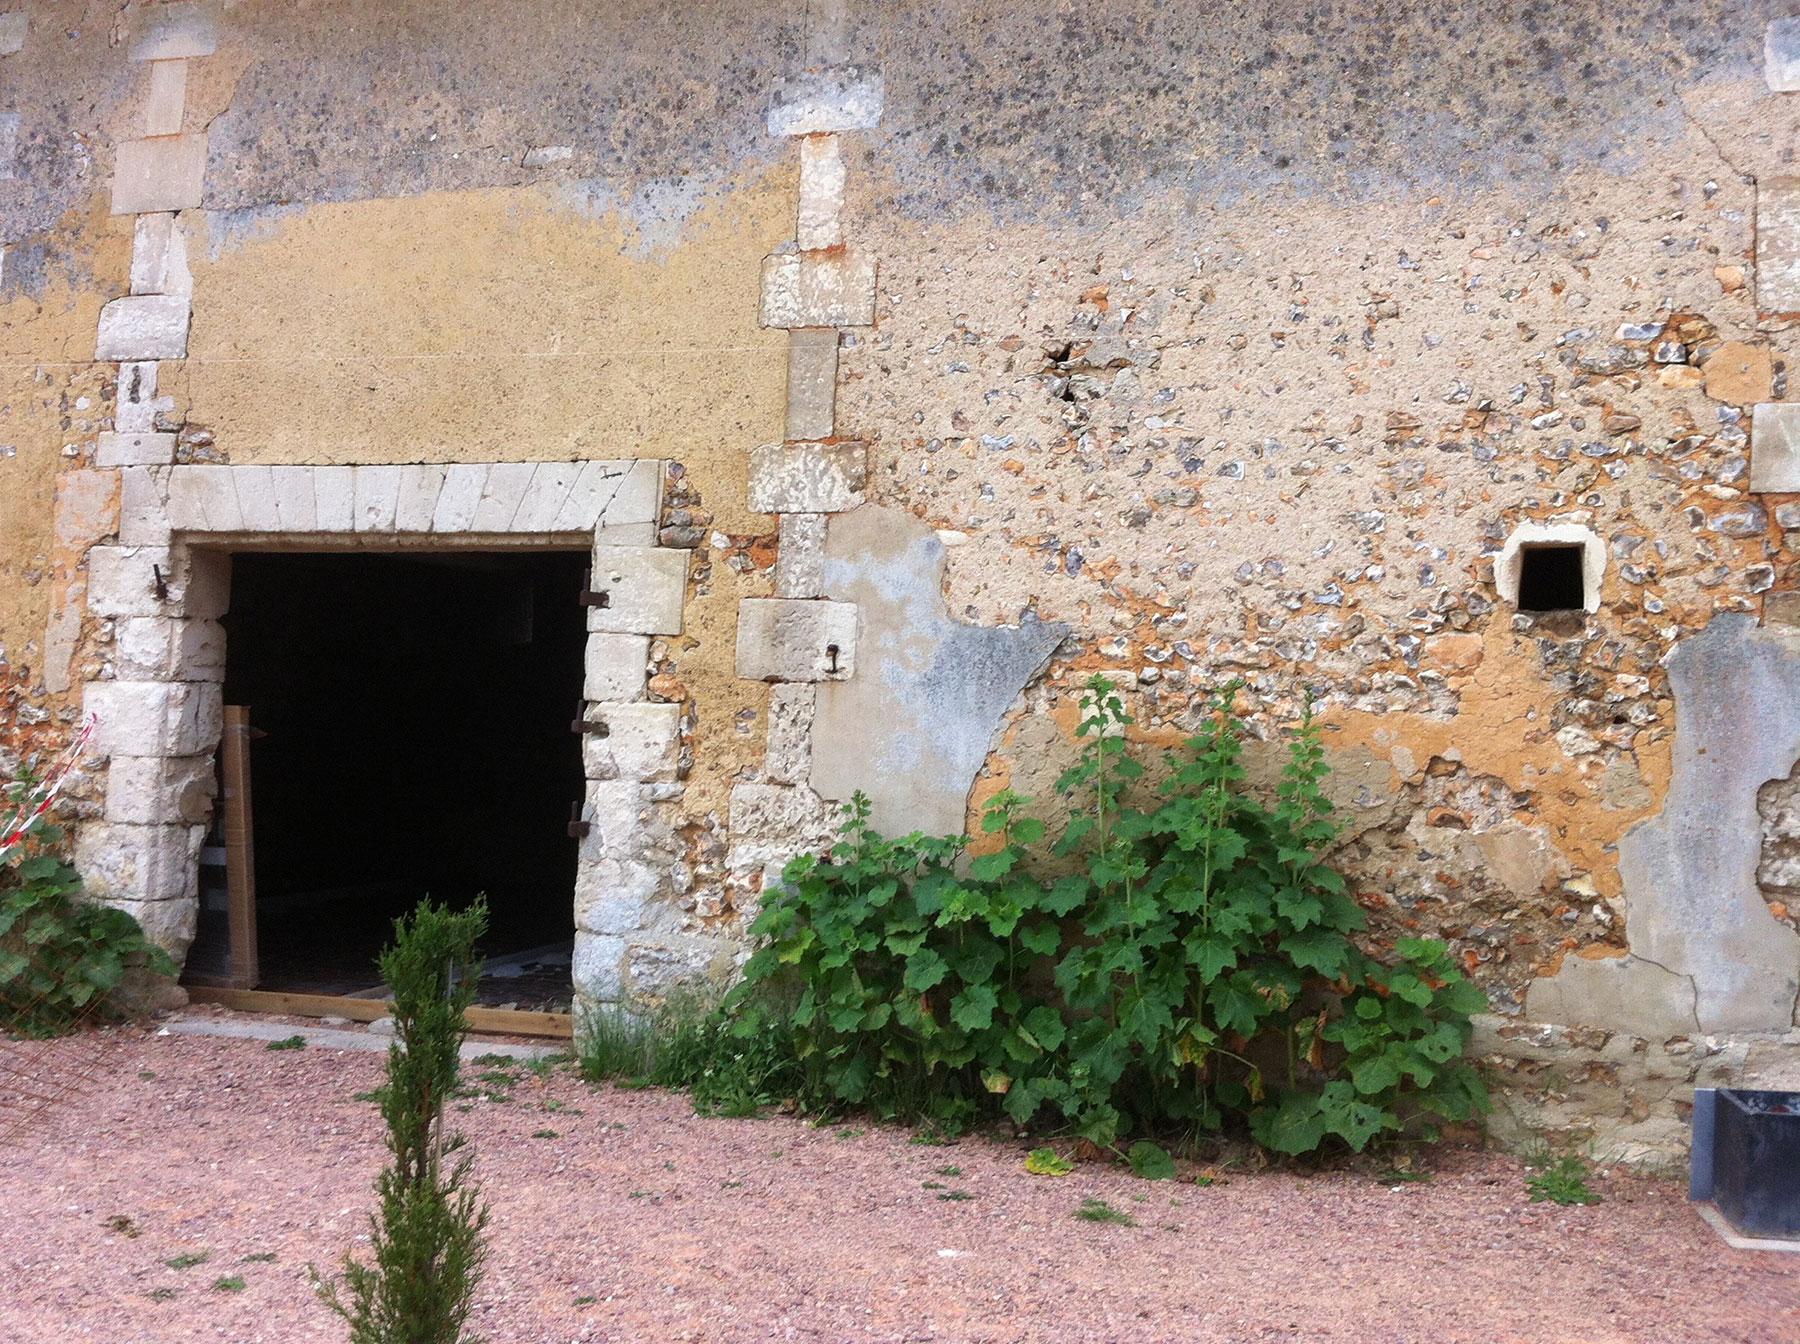 La façade avant travaux ne possède pas d'ouvertures